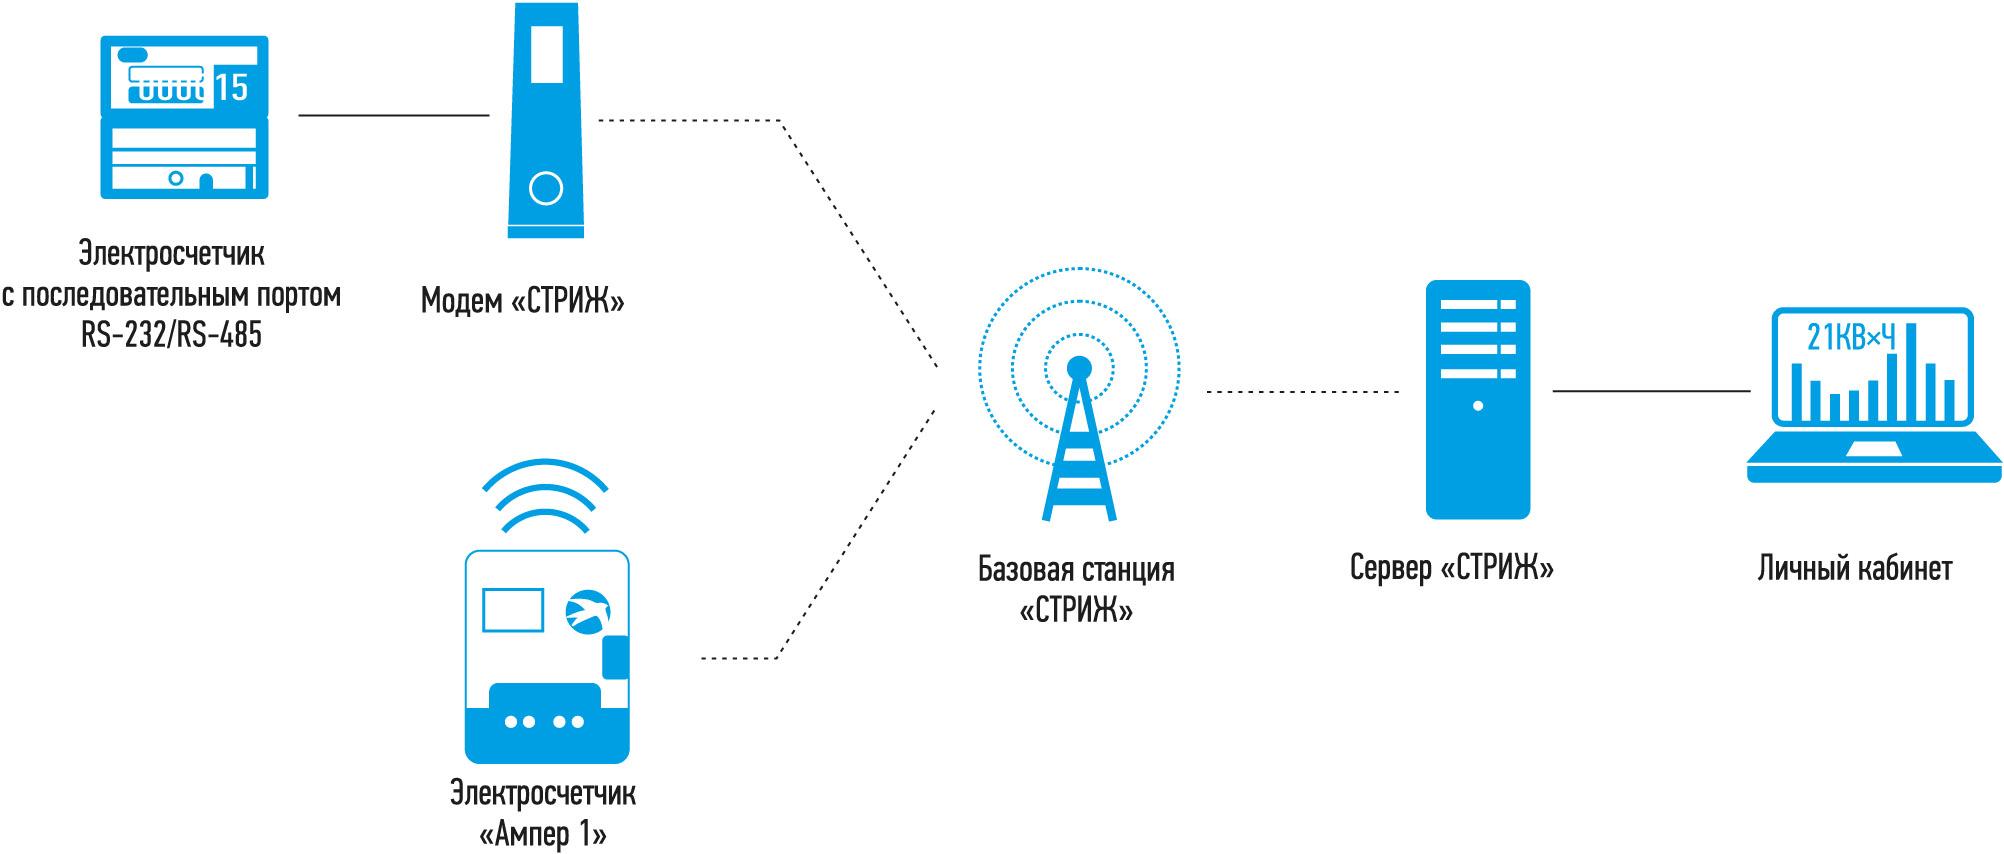 Рис. 5. Схема передачи данных от счетчиков в личный кабинет УК «Солнечный город»